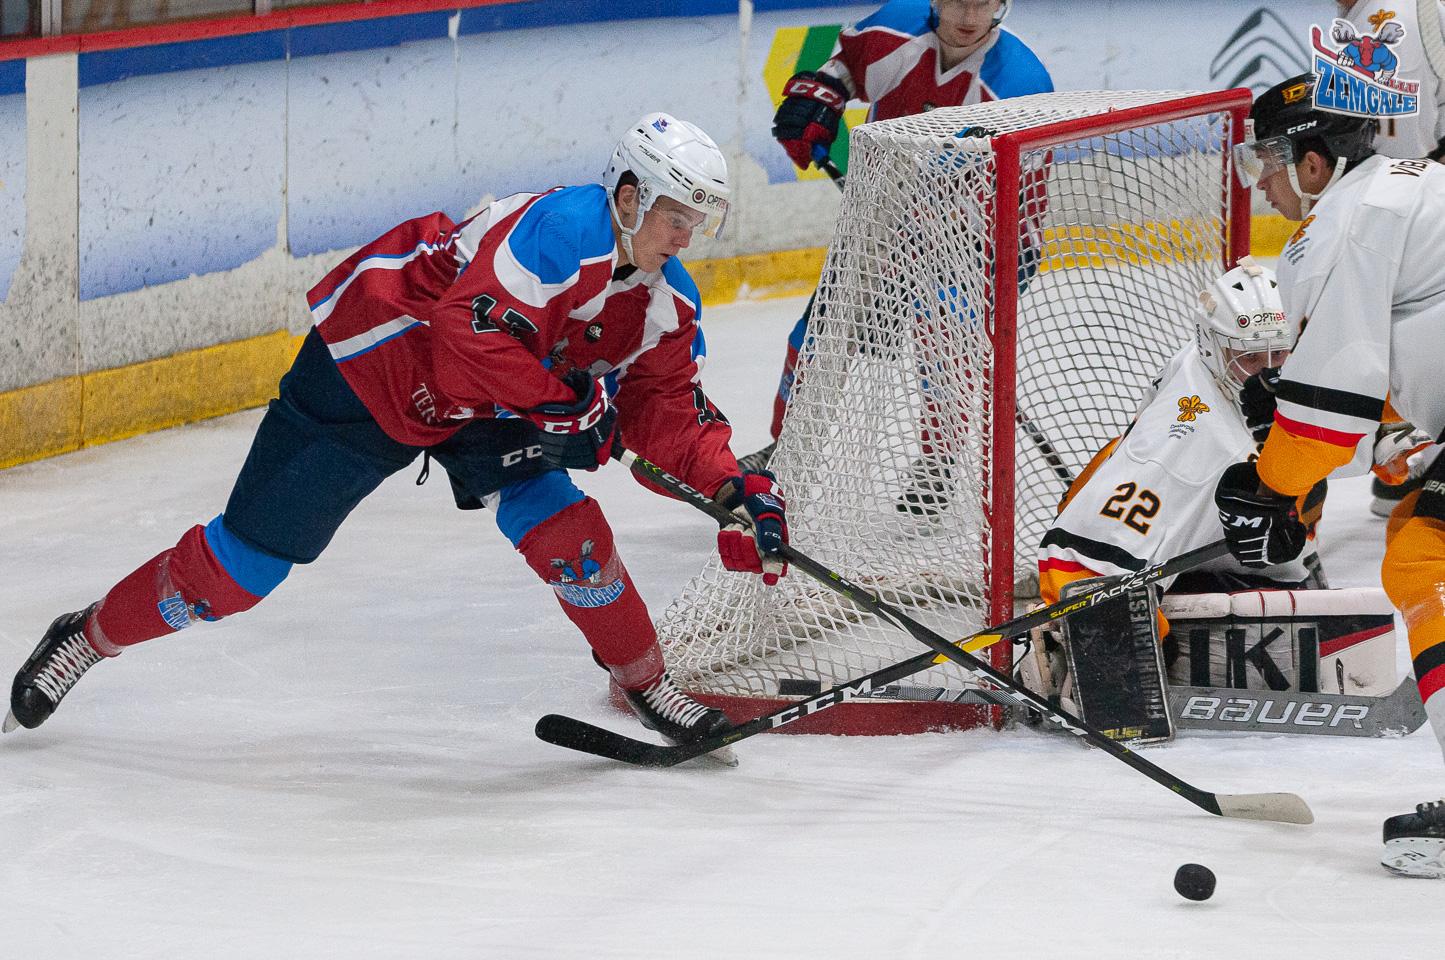 Hokejisti cīnās par ripu vārtu un vārtsarga priekšā